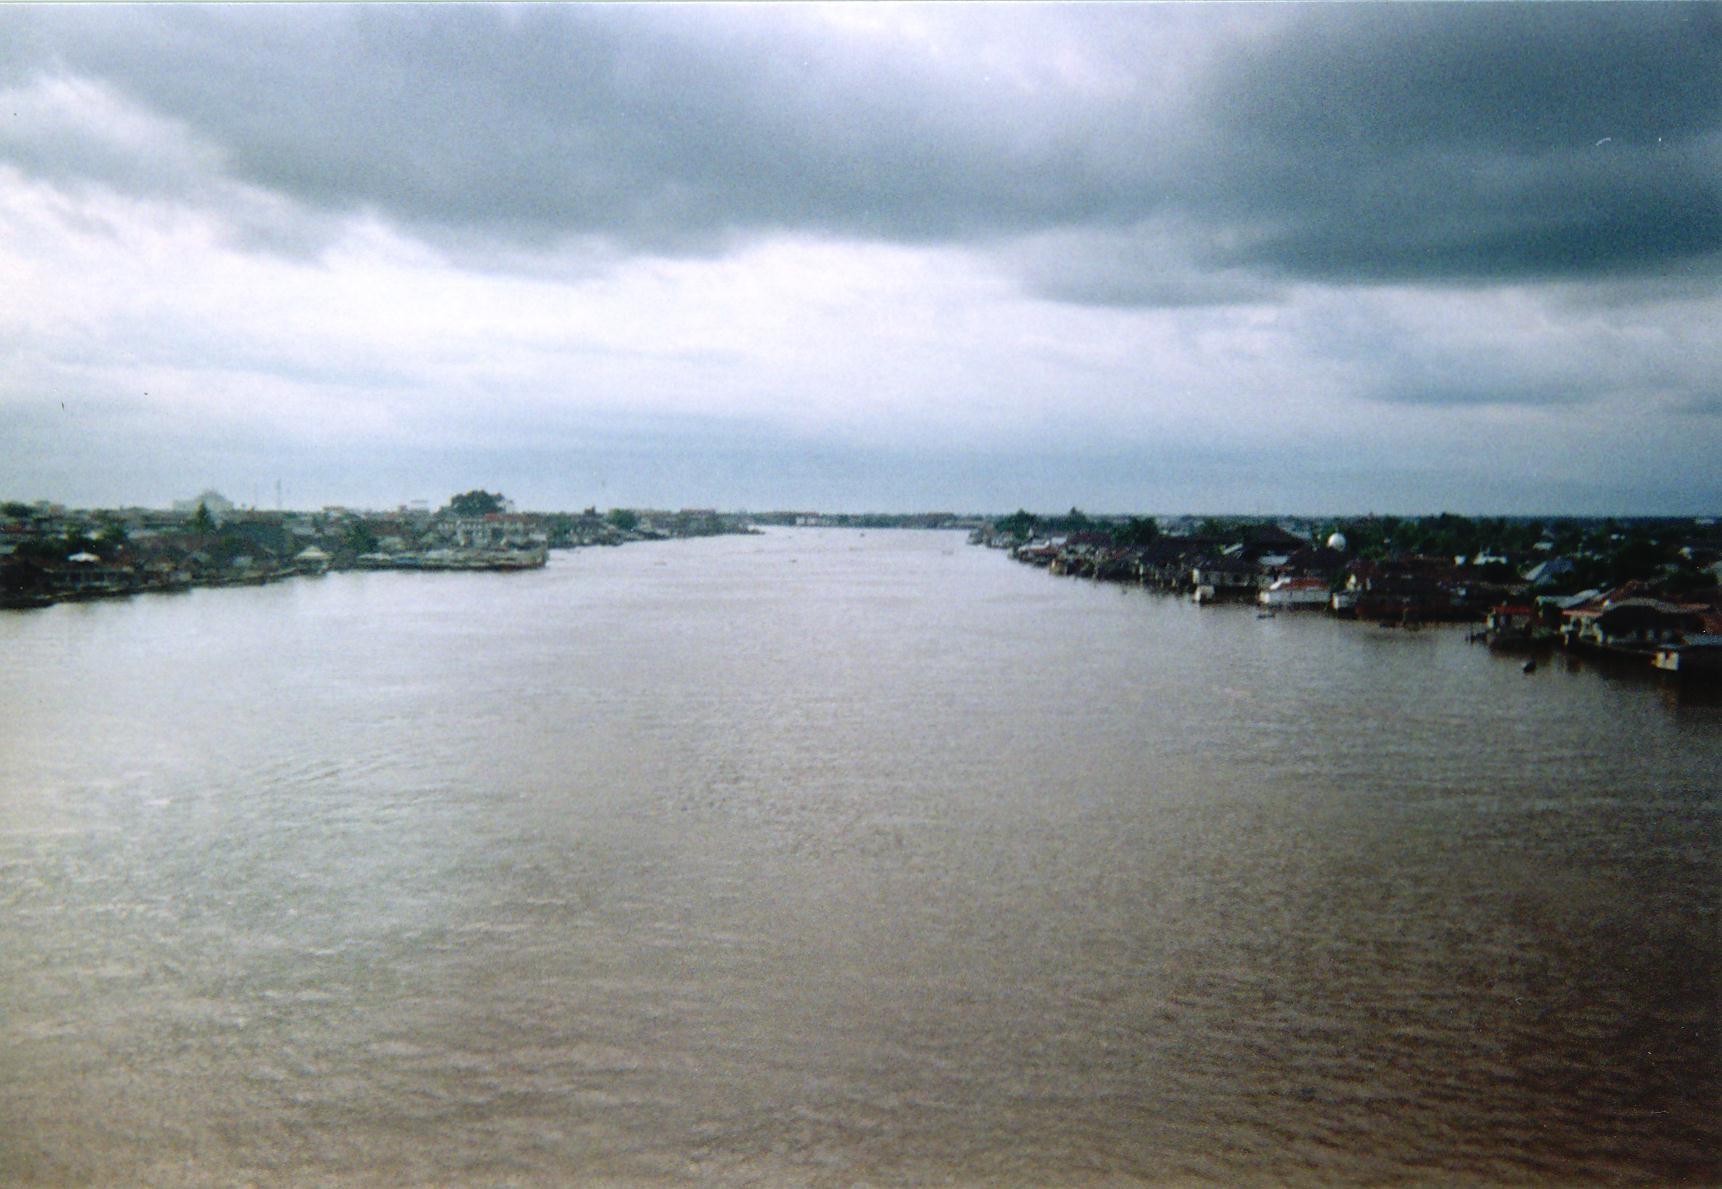 Mengenal Sungai Kapuas Sungai Terpanjang Di Indonesia